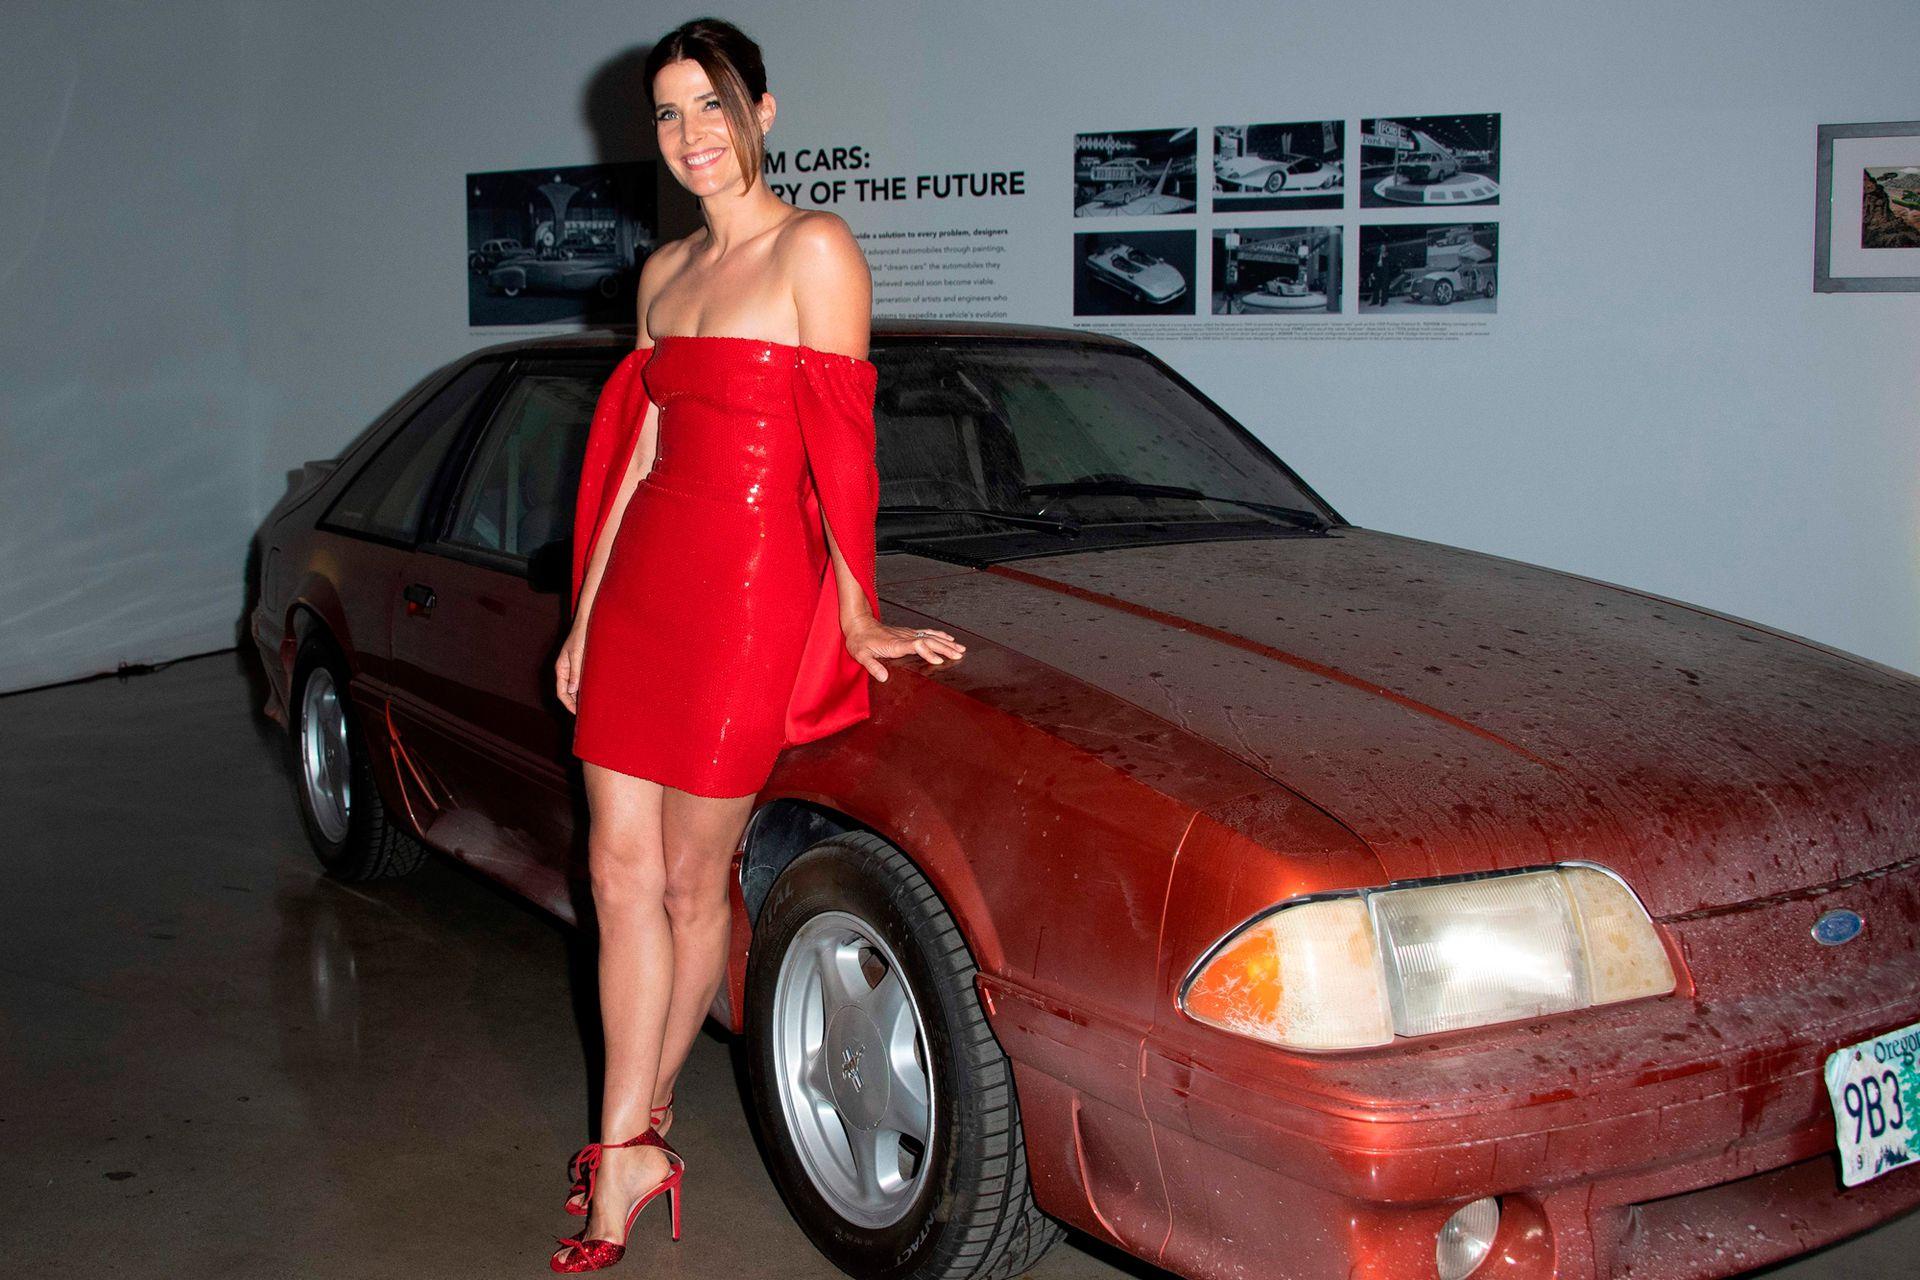 Una chica al rojo vivo: la actriz canadiense Cobie Smulders posó junto al automóvil (sin lavar) que conduce su personaje en la serie Stumptown, en Los Angeles